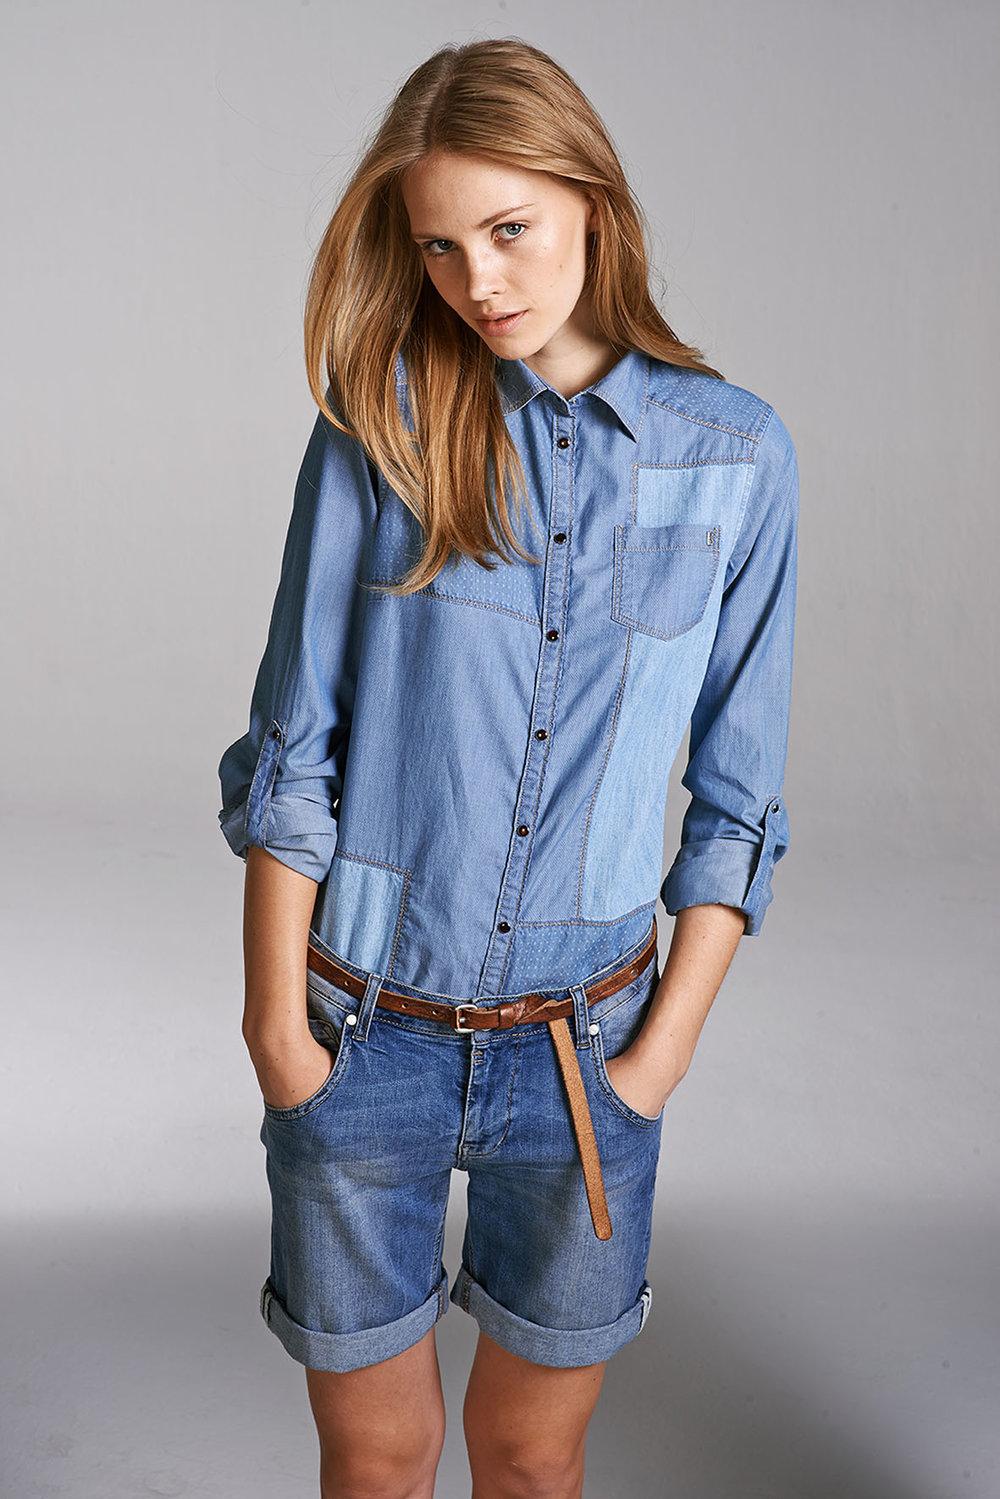 130924_Bogner_key-look_jeans_01_23.jpg